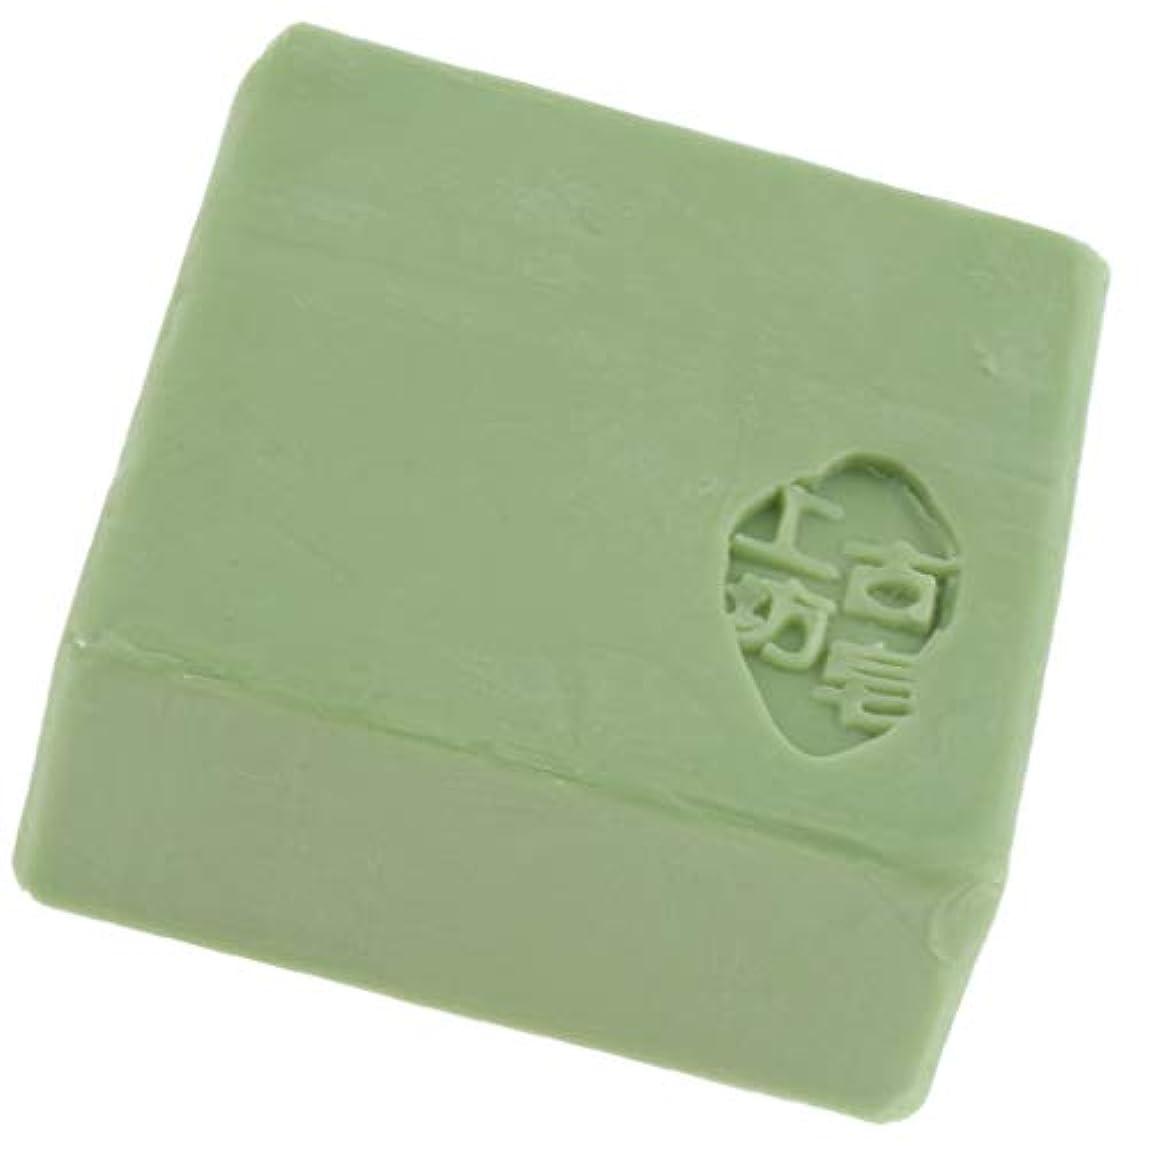 アンテナ画家岸バス スキンケア フェイス ボディソープ 石鹸 保湿 好意 全3色 - 緑